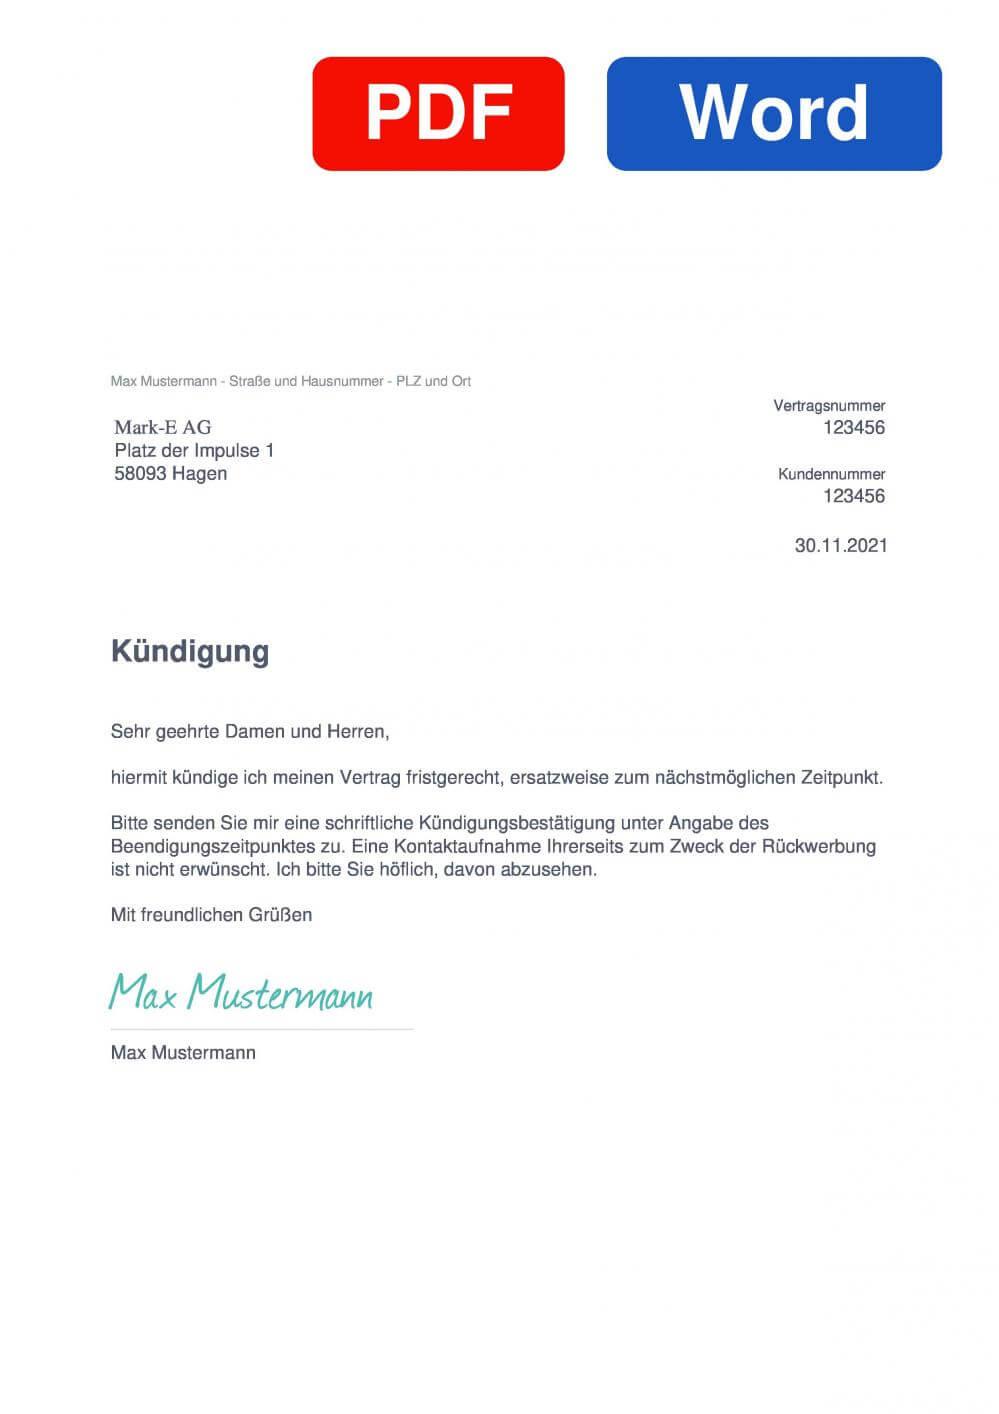 Mark-E Muster Vorlage für Kündigungsschreiben